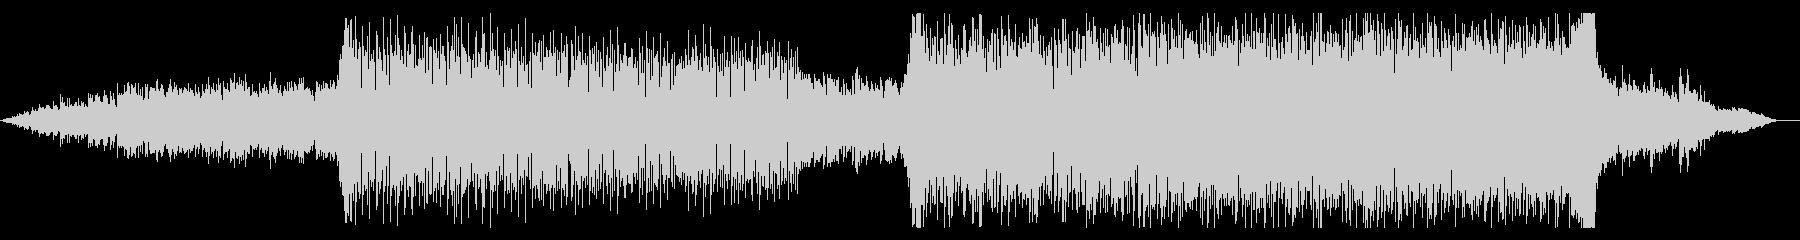 キラキラした幻想的なピアノテクノの未再生の波形